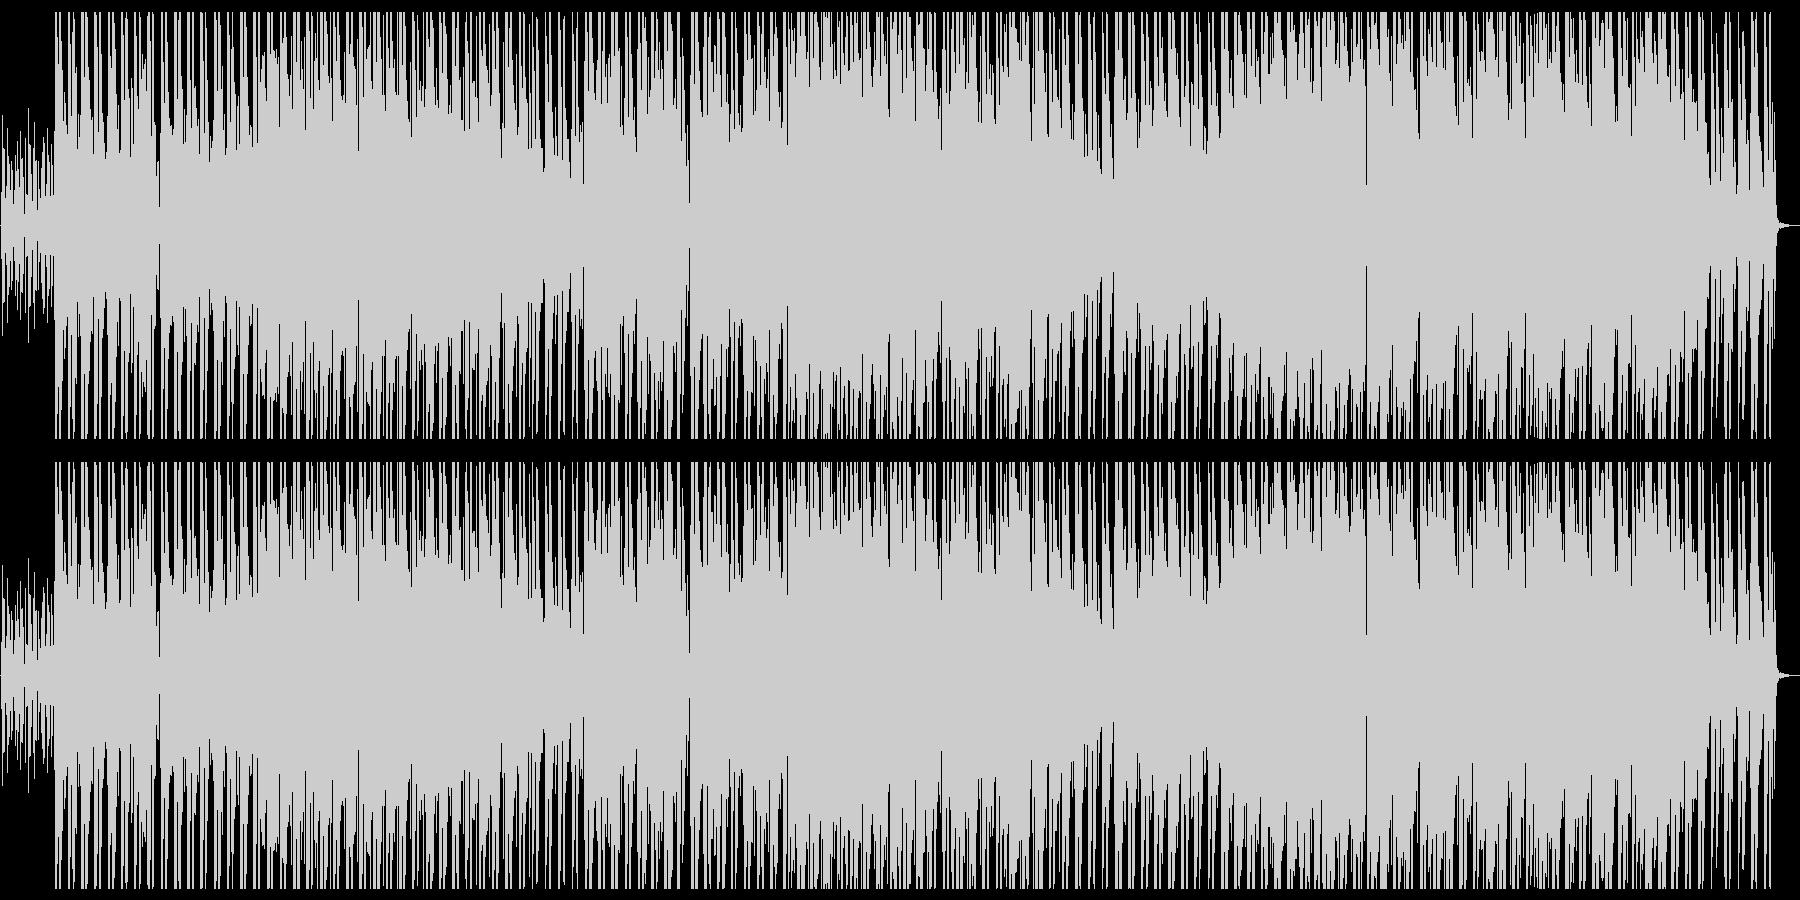 壮大 ジャズ & クラシックの未再生の波形